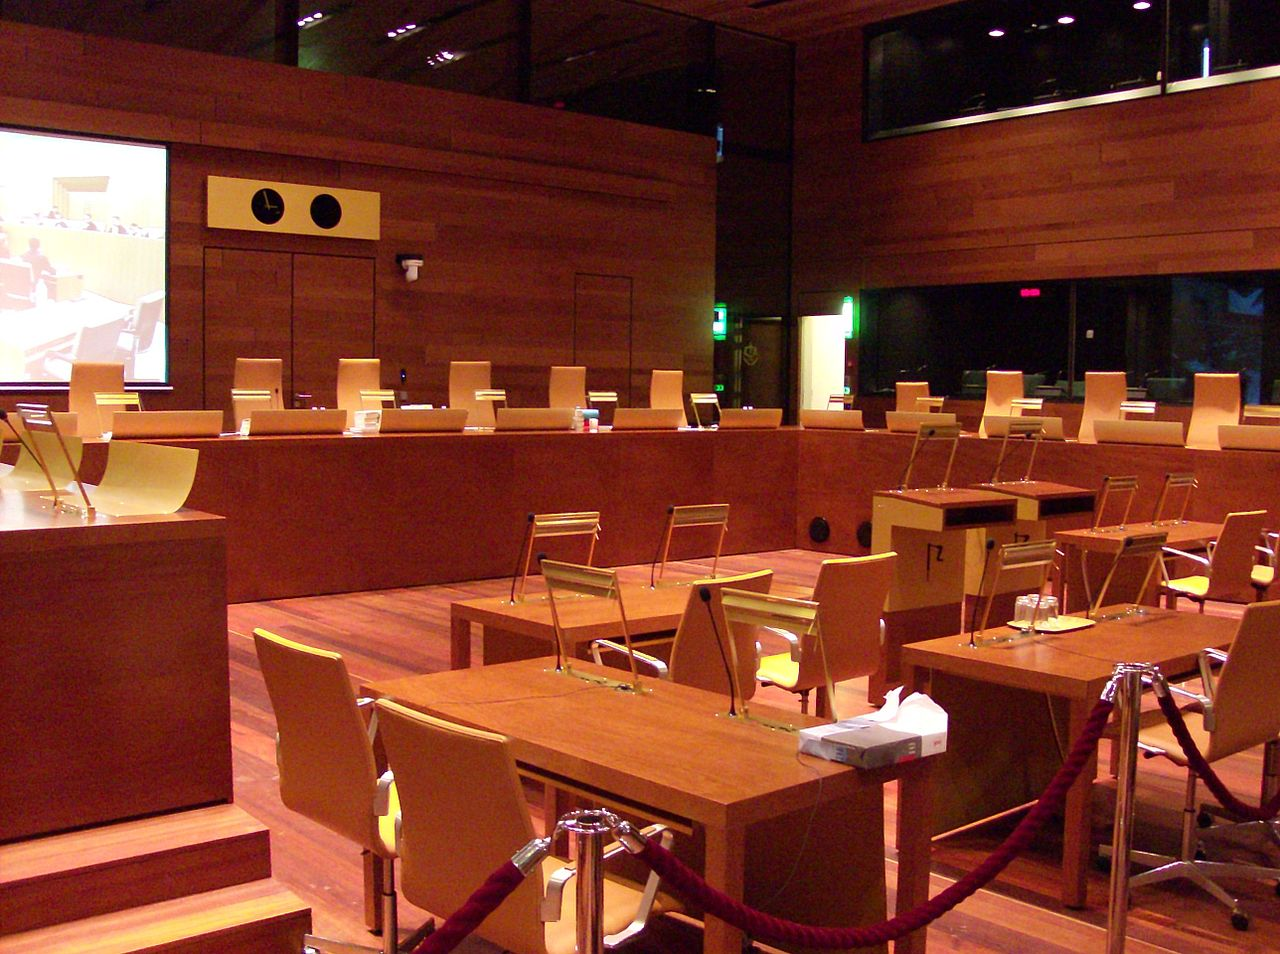 Gerichtssaal im Europäischen Gerichtshof. Bild: Stefan64. Lizenz: Creative Commons BY-SA 3.0.